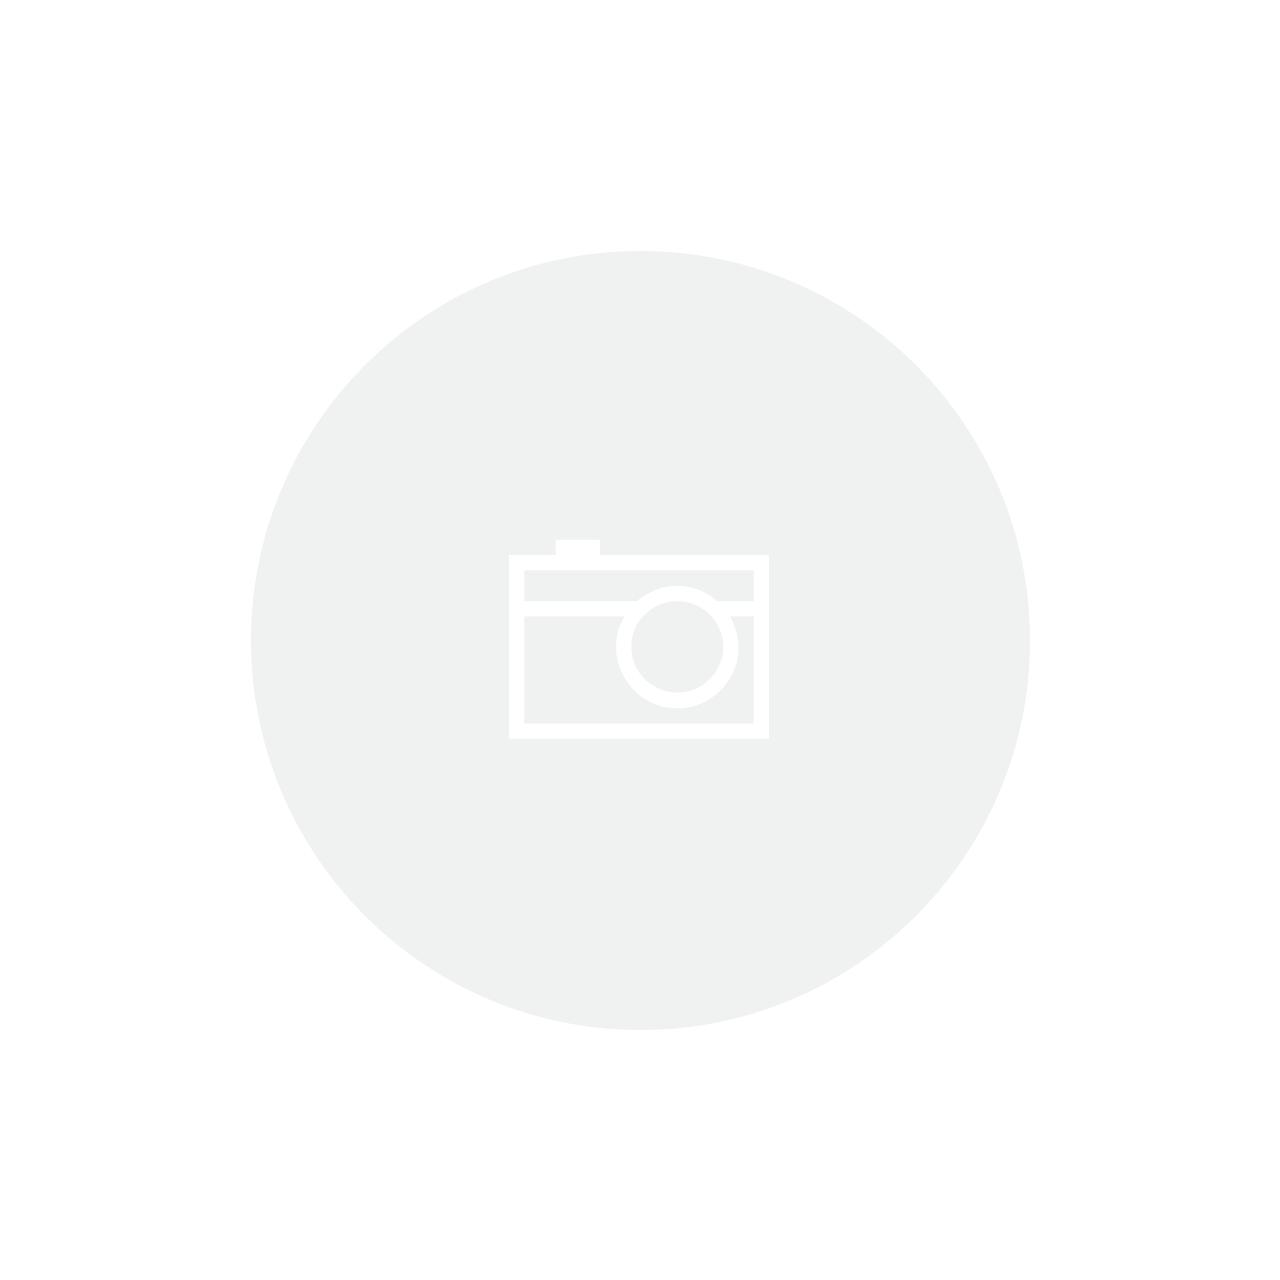 CURSO COREL DRAW - prático e presencial: edição, vetorização e manipulação de imagem (CONSULTE DATAS DISPONÍVEIS)